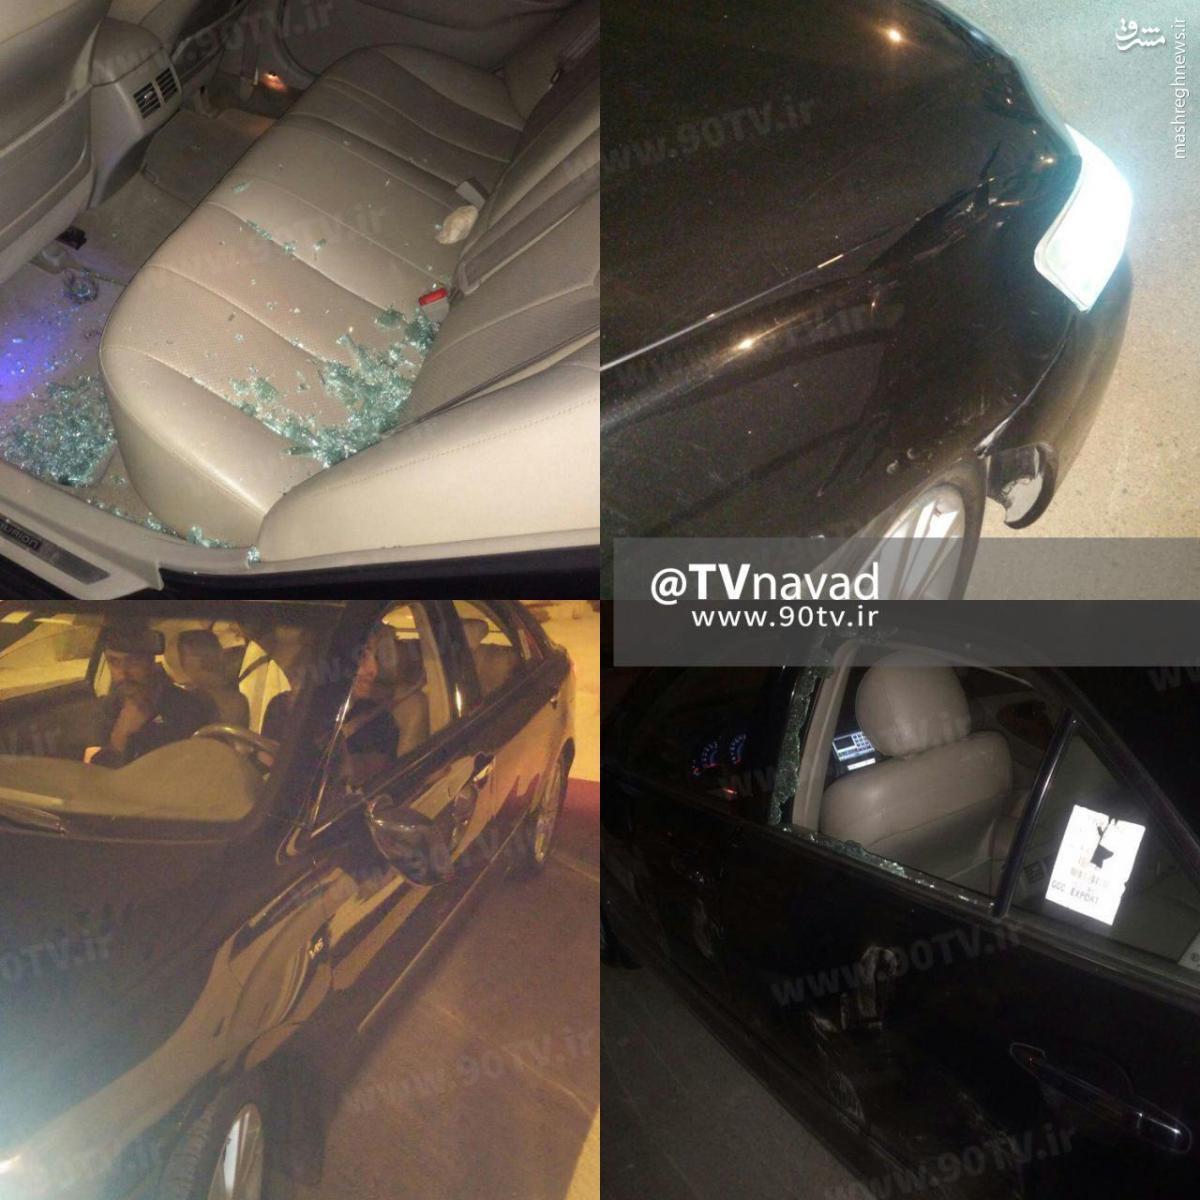 عکس/ حمله به خودرو محسن مسلمان و فرشاد احمدزاده